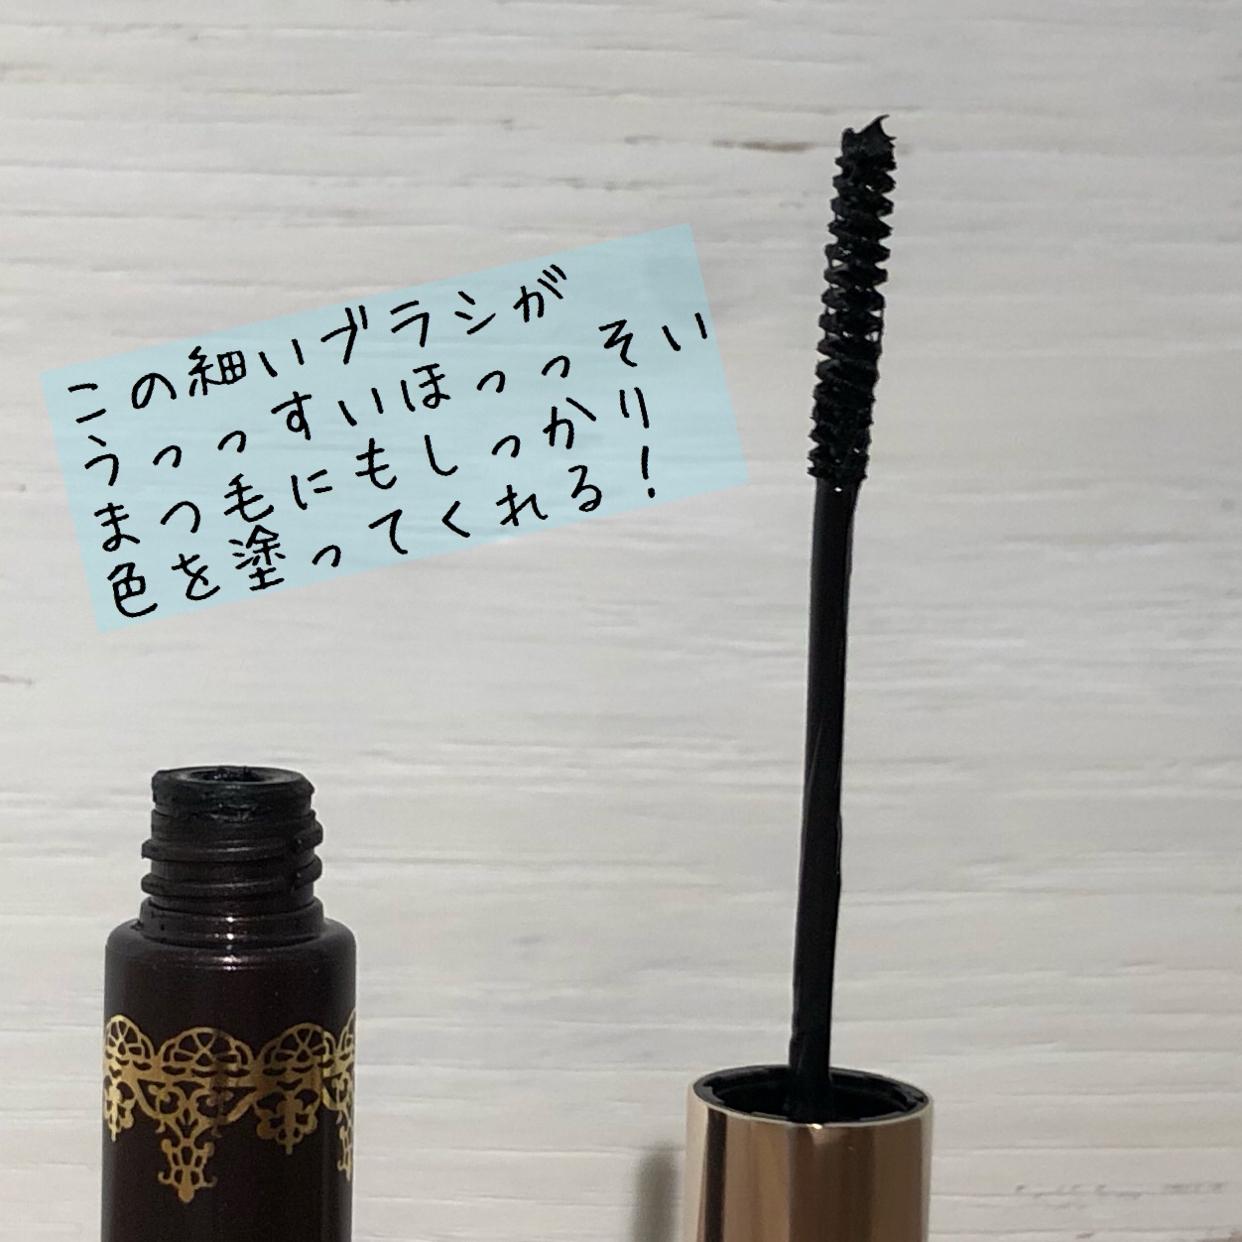 キャンメイク ラッシュフレームマスカラ 01 ナチュラルブラック(口紅)を使ったクチコミ(2枚目)